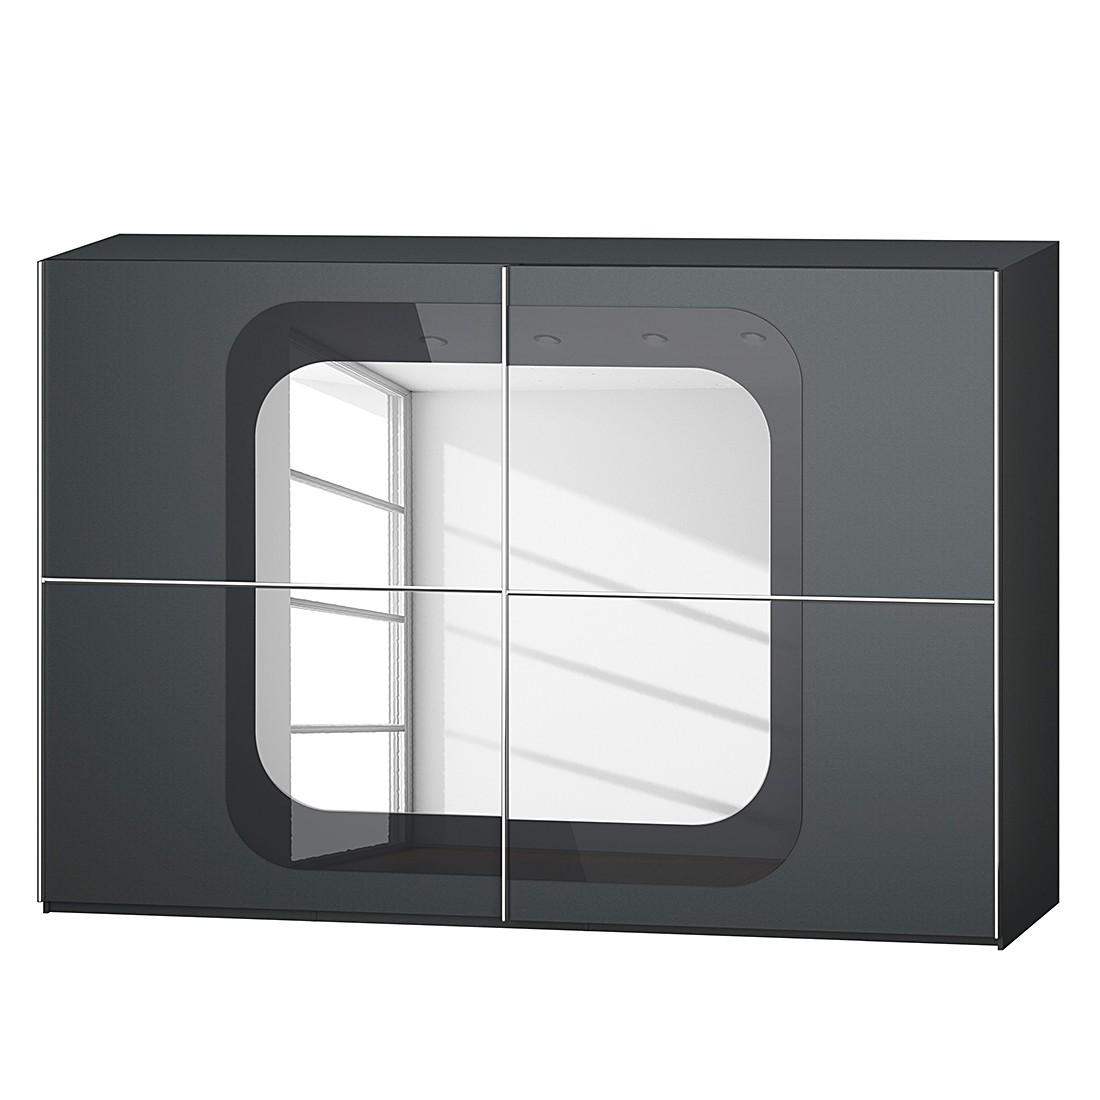 goedkoop Schuifdeurkast Lumos Grafietkleurig basalt 316cm 2 deurs 236cm Rauch Dialog